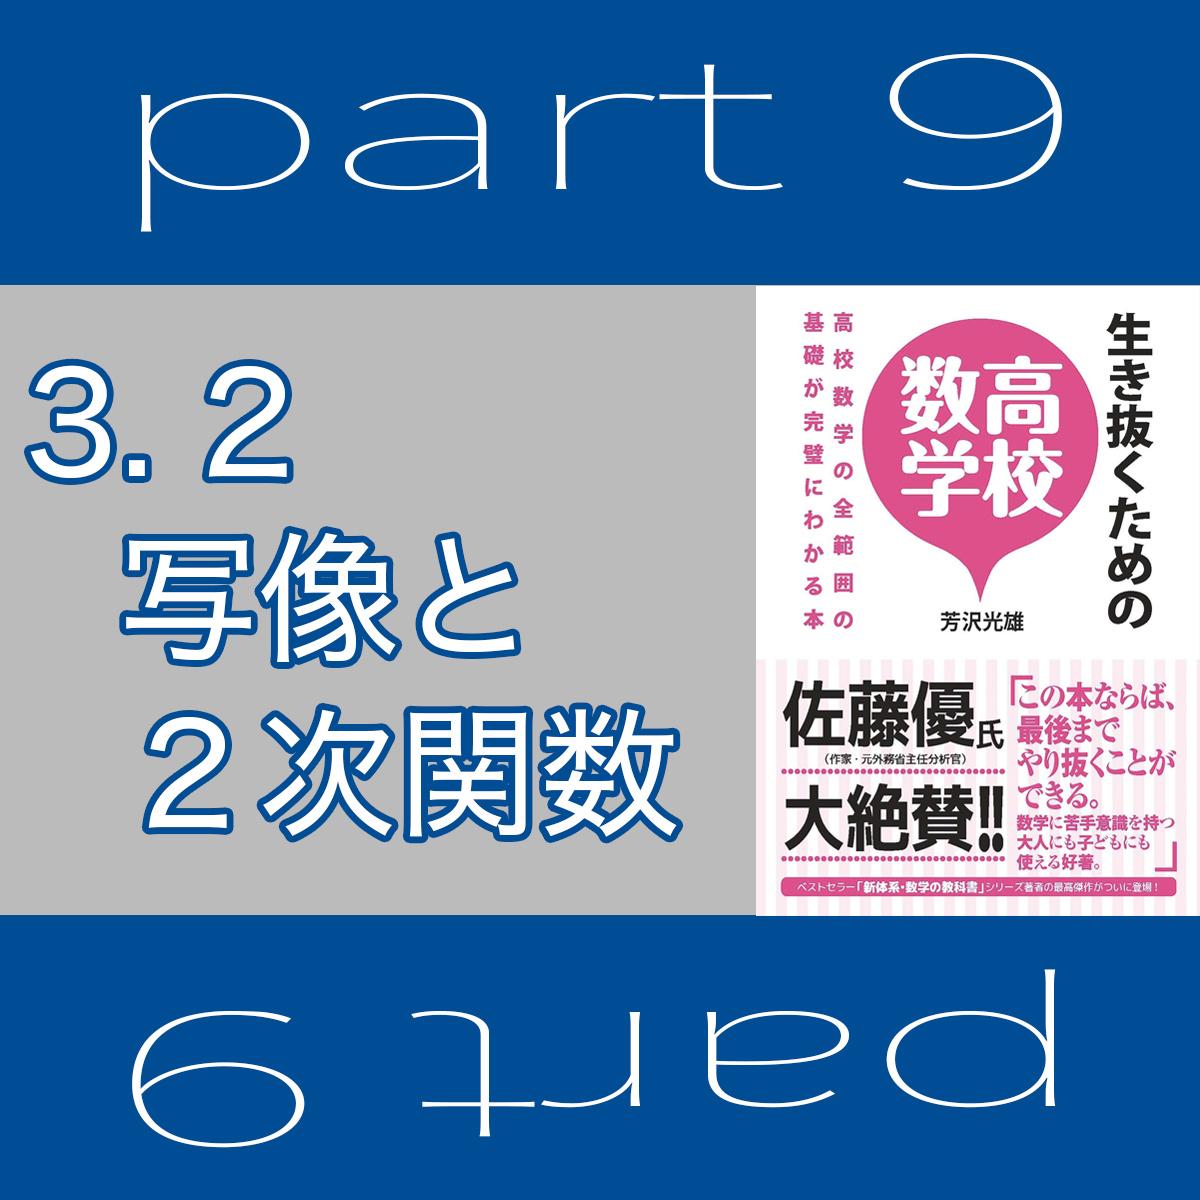 f:id:nobi2saku:20190417121302j:plain